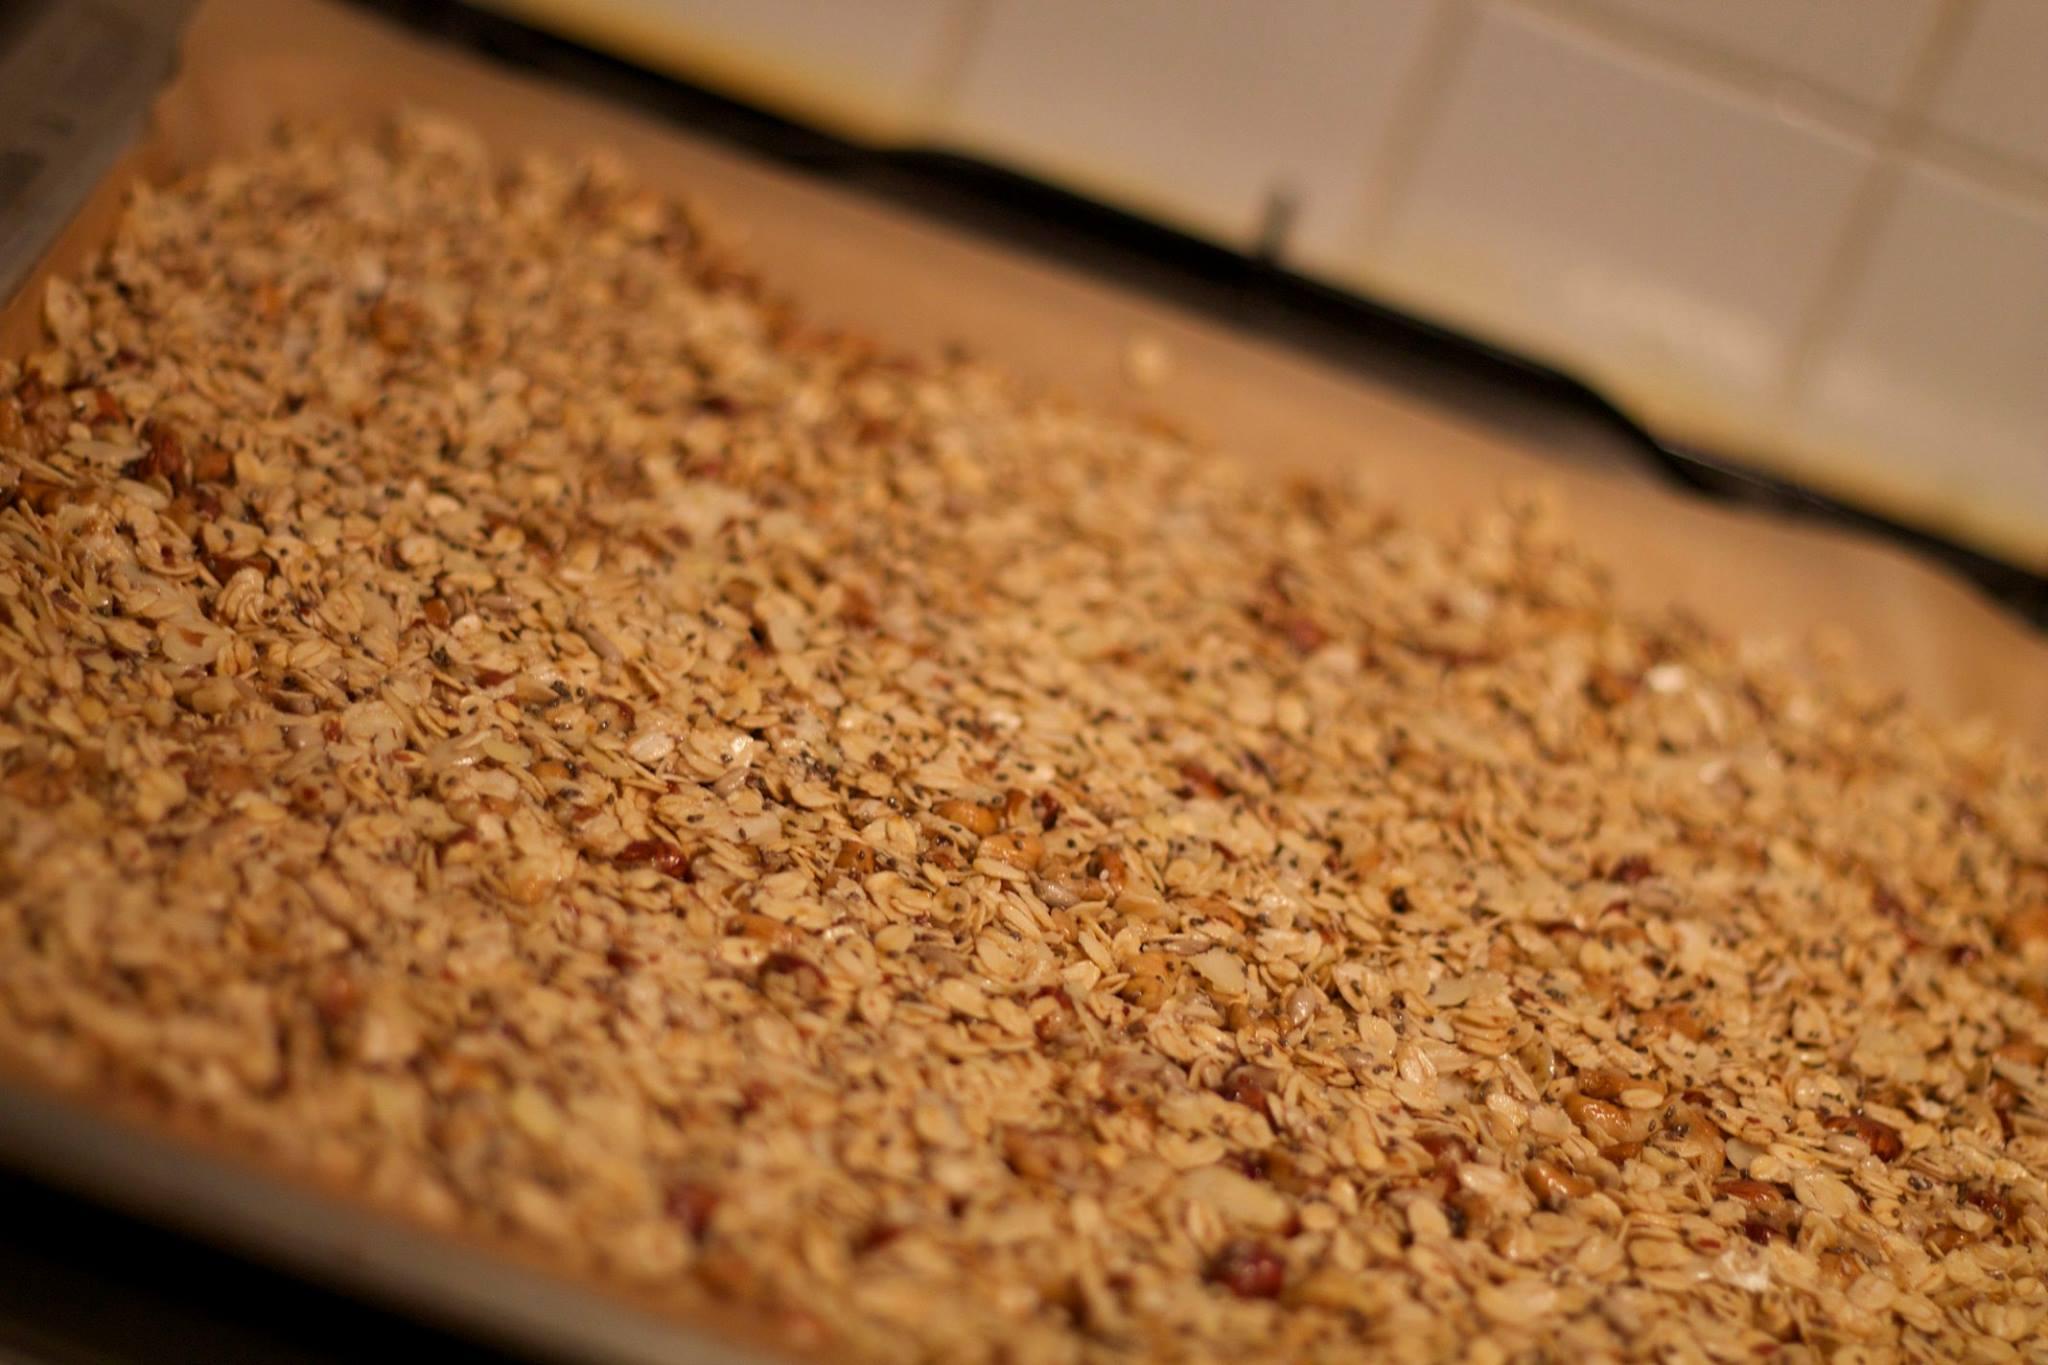 Házi készítésű, ropogós granola mogyoróval, dióval, chia maggal, agave sziruppal és kókuszpehellyel!